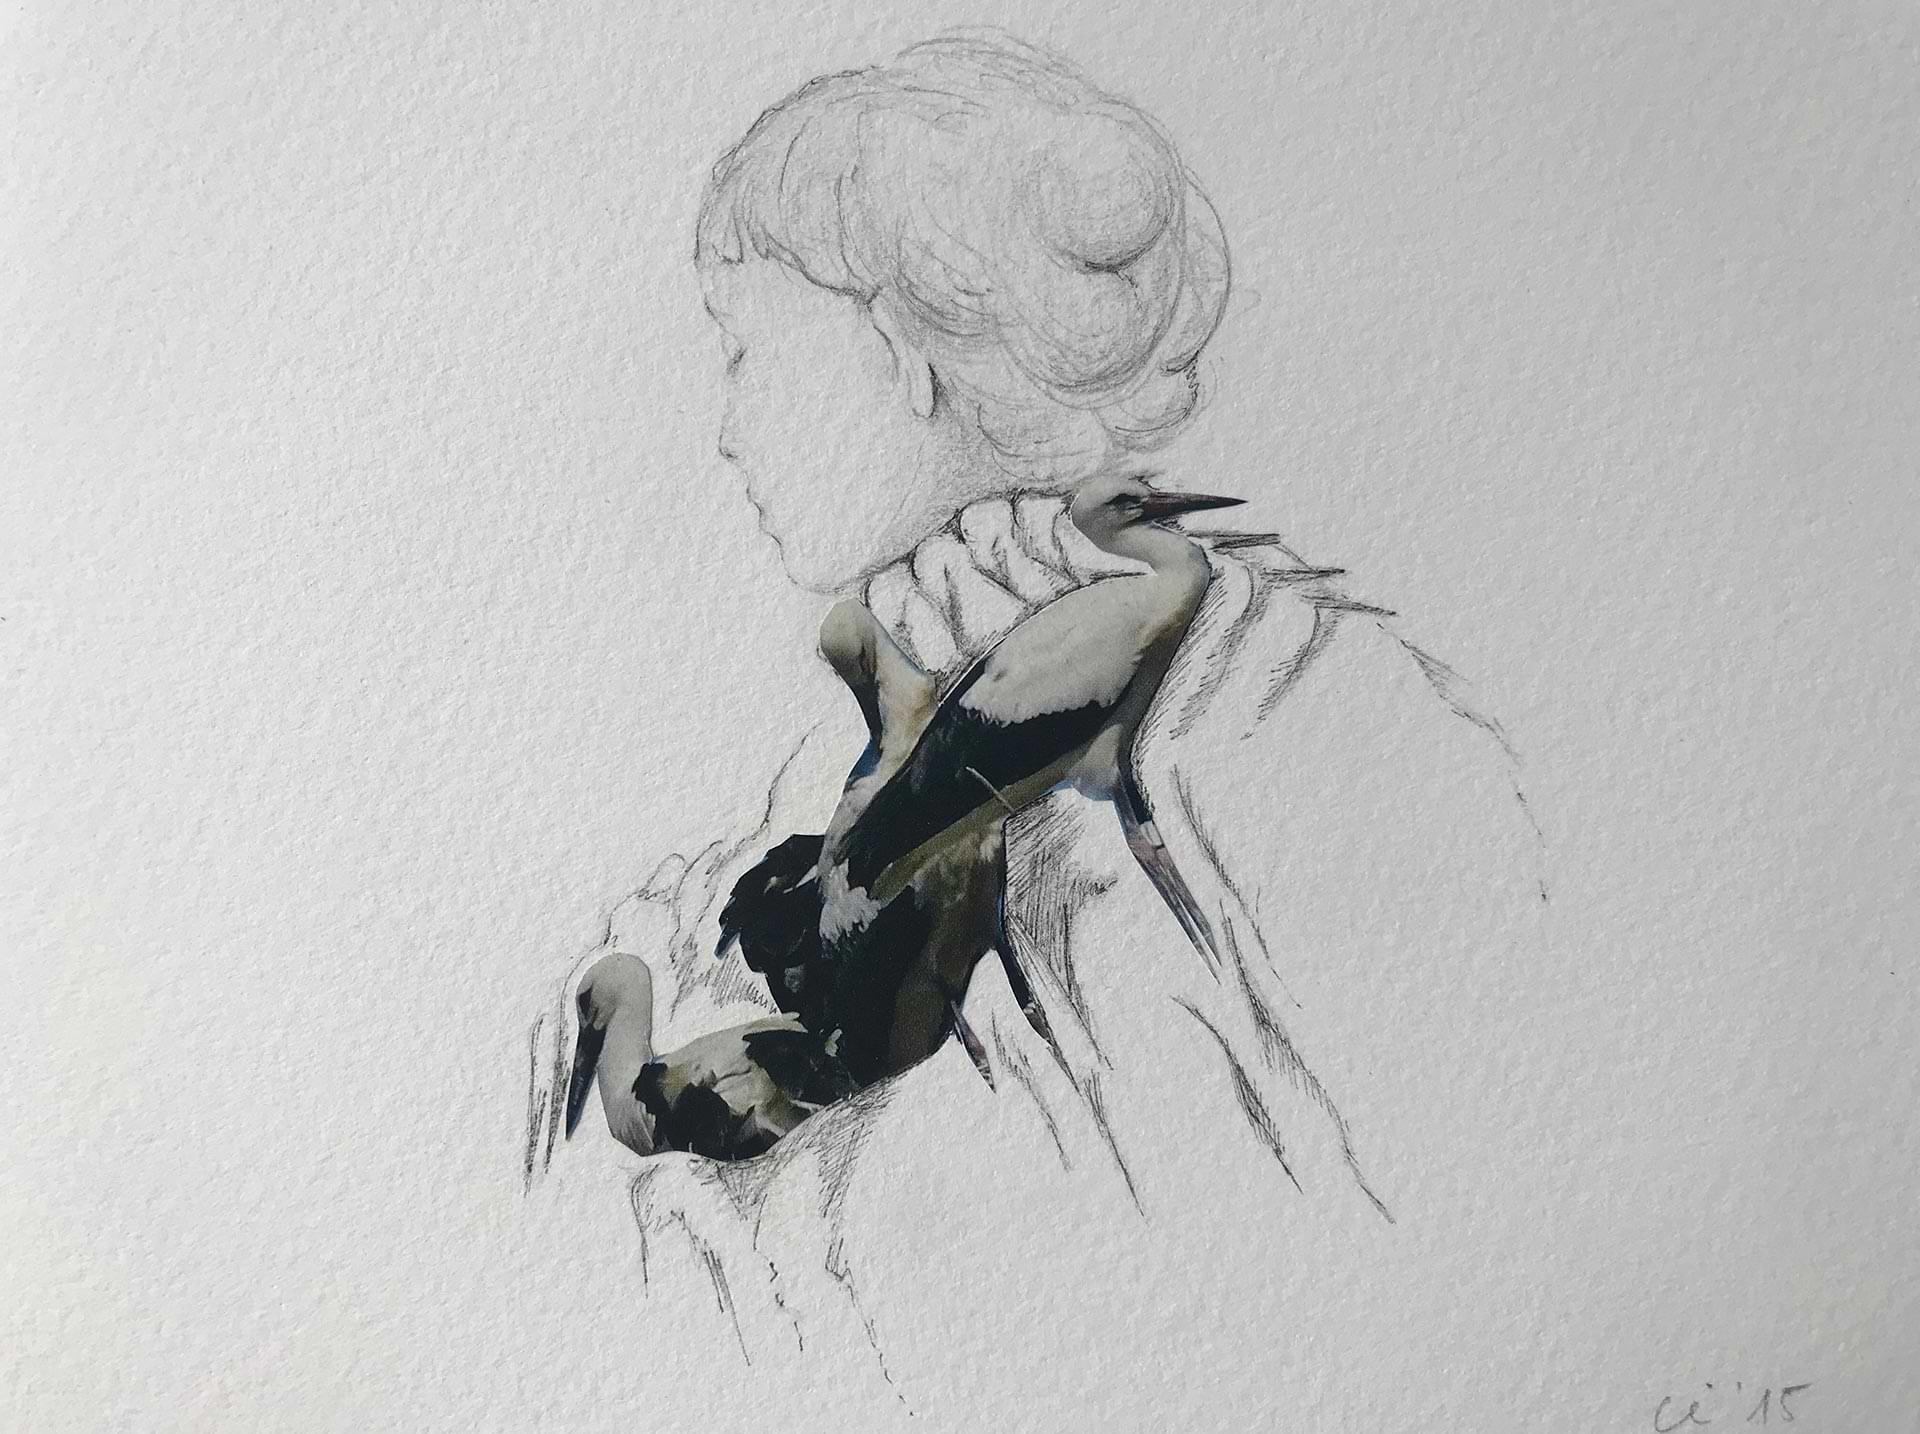 christianehaag-zeichnung-collage-drawing-birds-refugees-gefluechtete-art-28